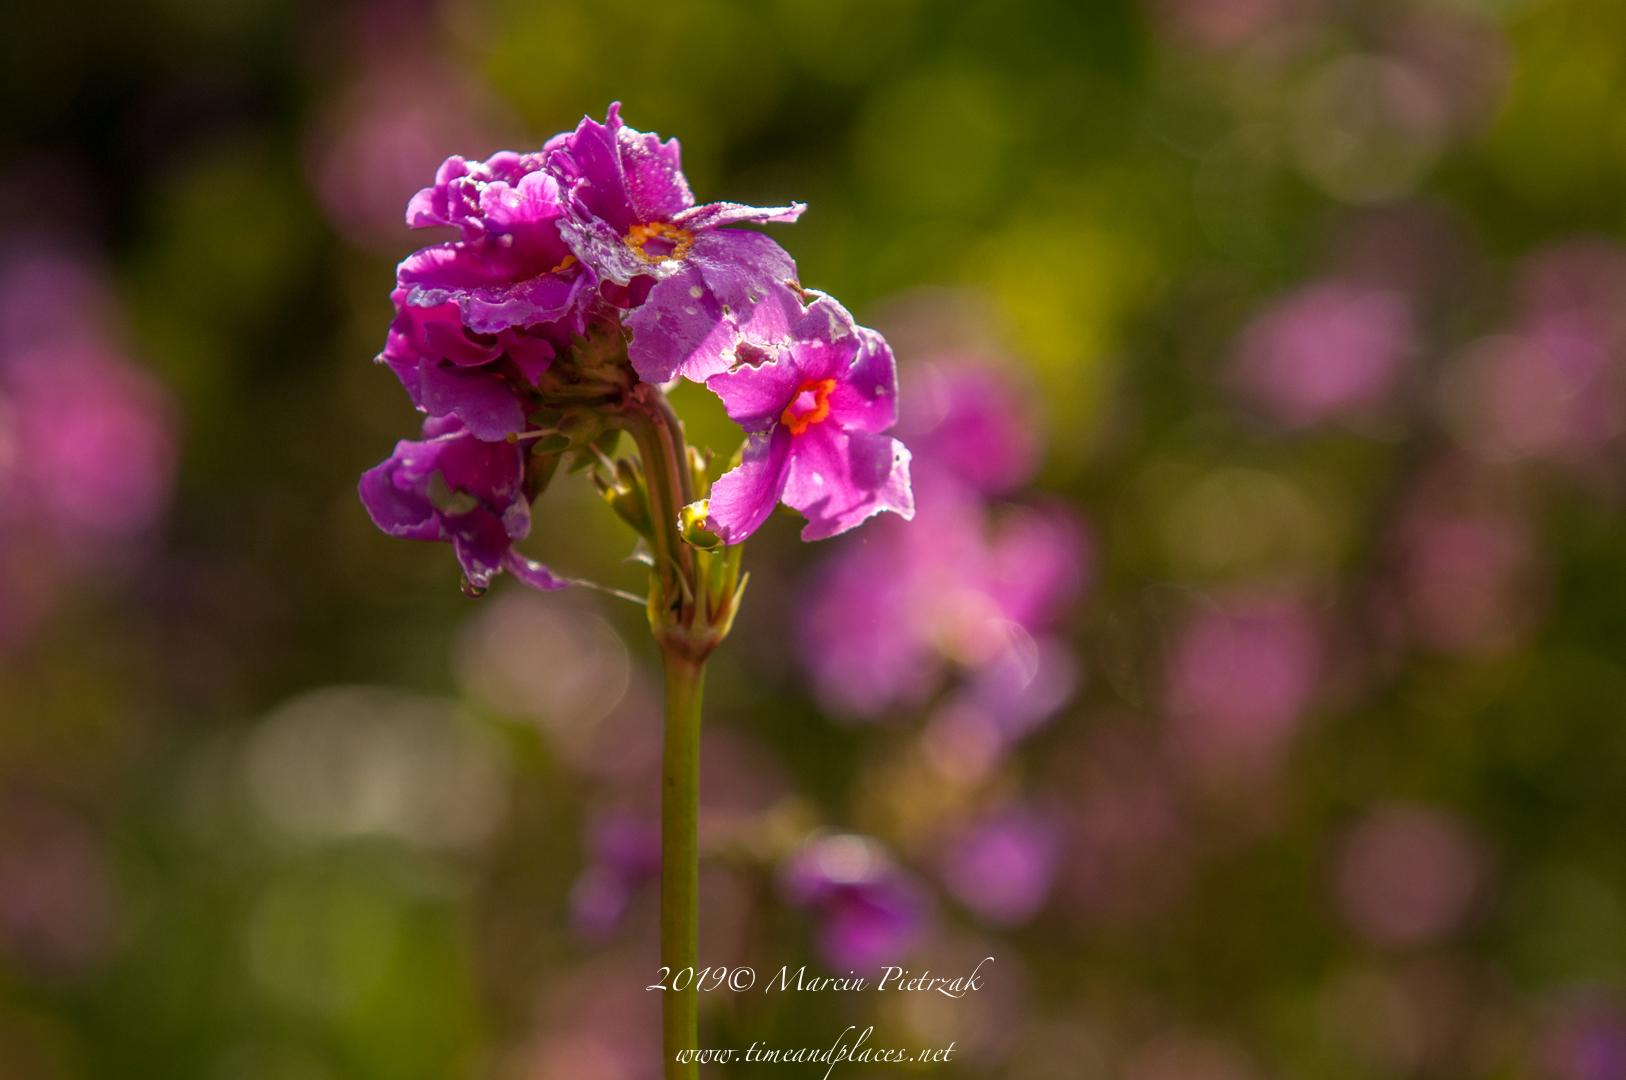 netBotanic Garden flowers - 2019 - MAR_1527.jpg